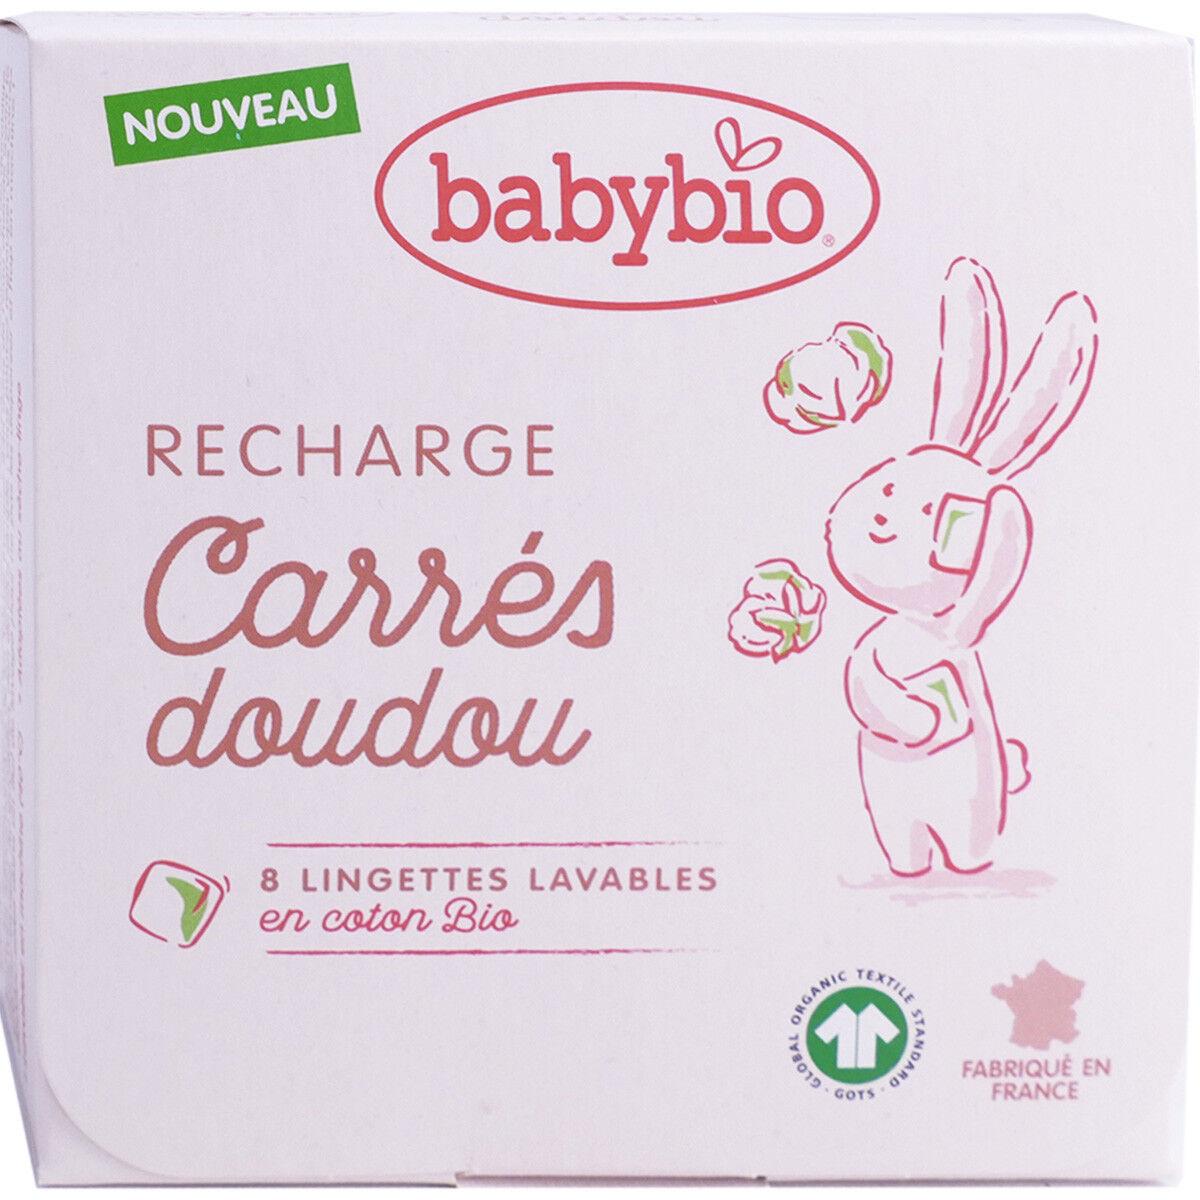 Babybio recharge carres doudou 8 lingettes lavables